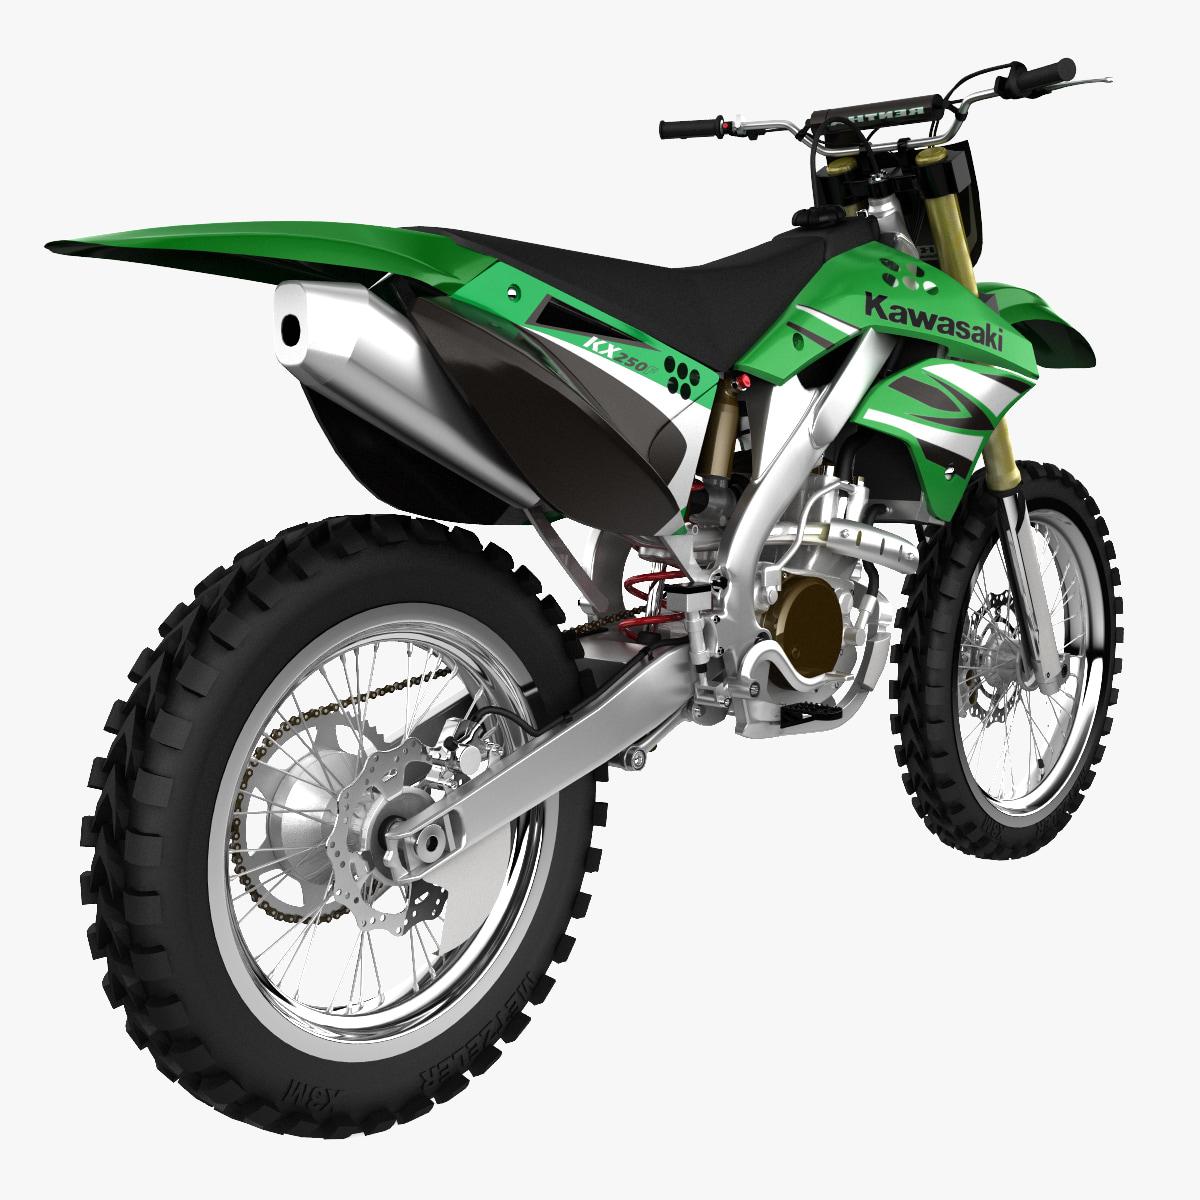 Kawasaki_KX_250F_01.jpg